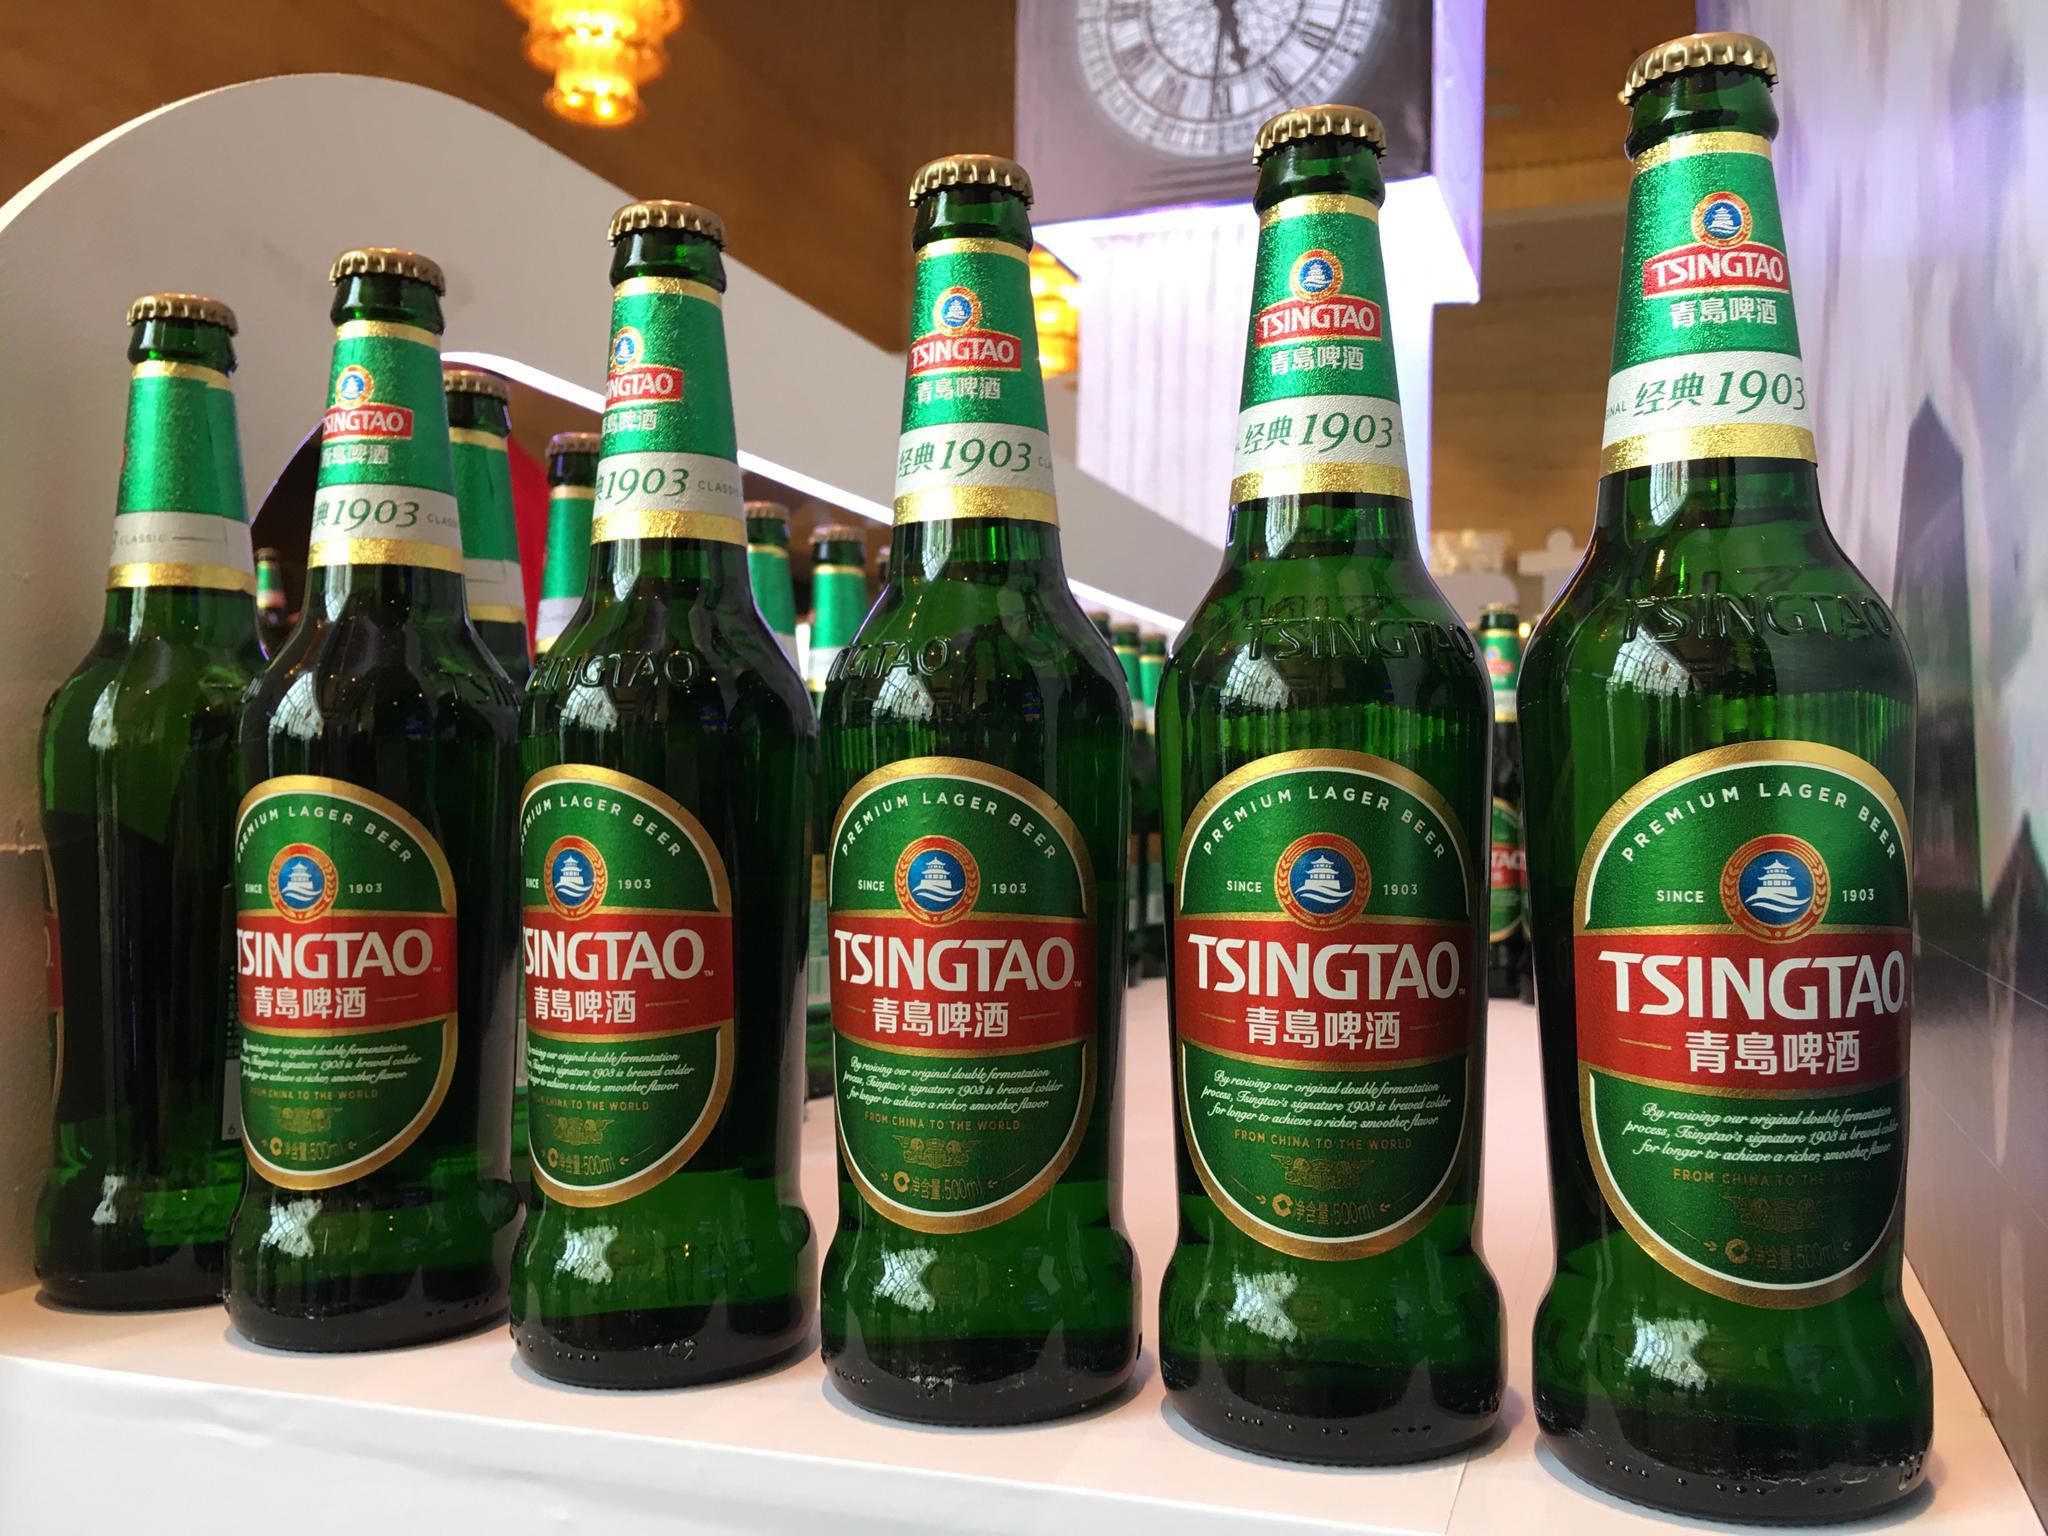 全球举杯共分享 青岛啤酒远销100个国家暨一带一路市场拓展发